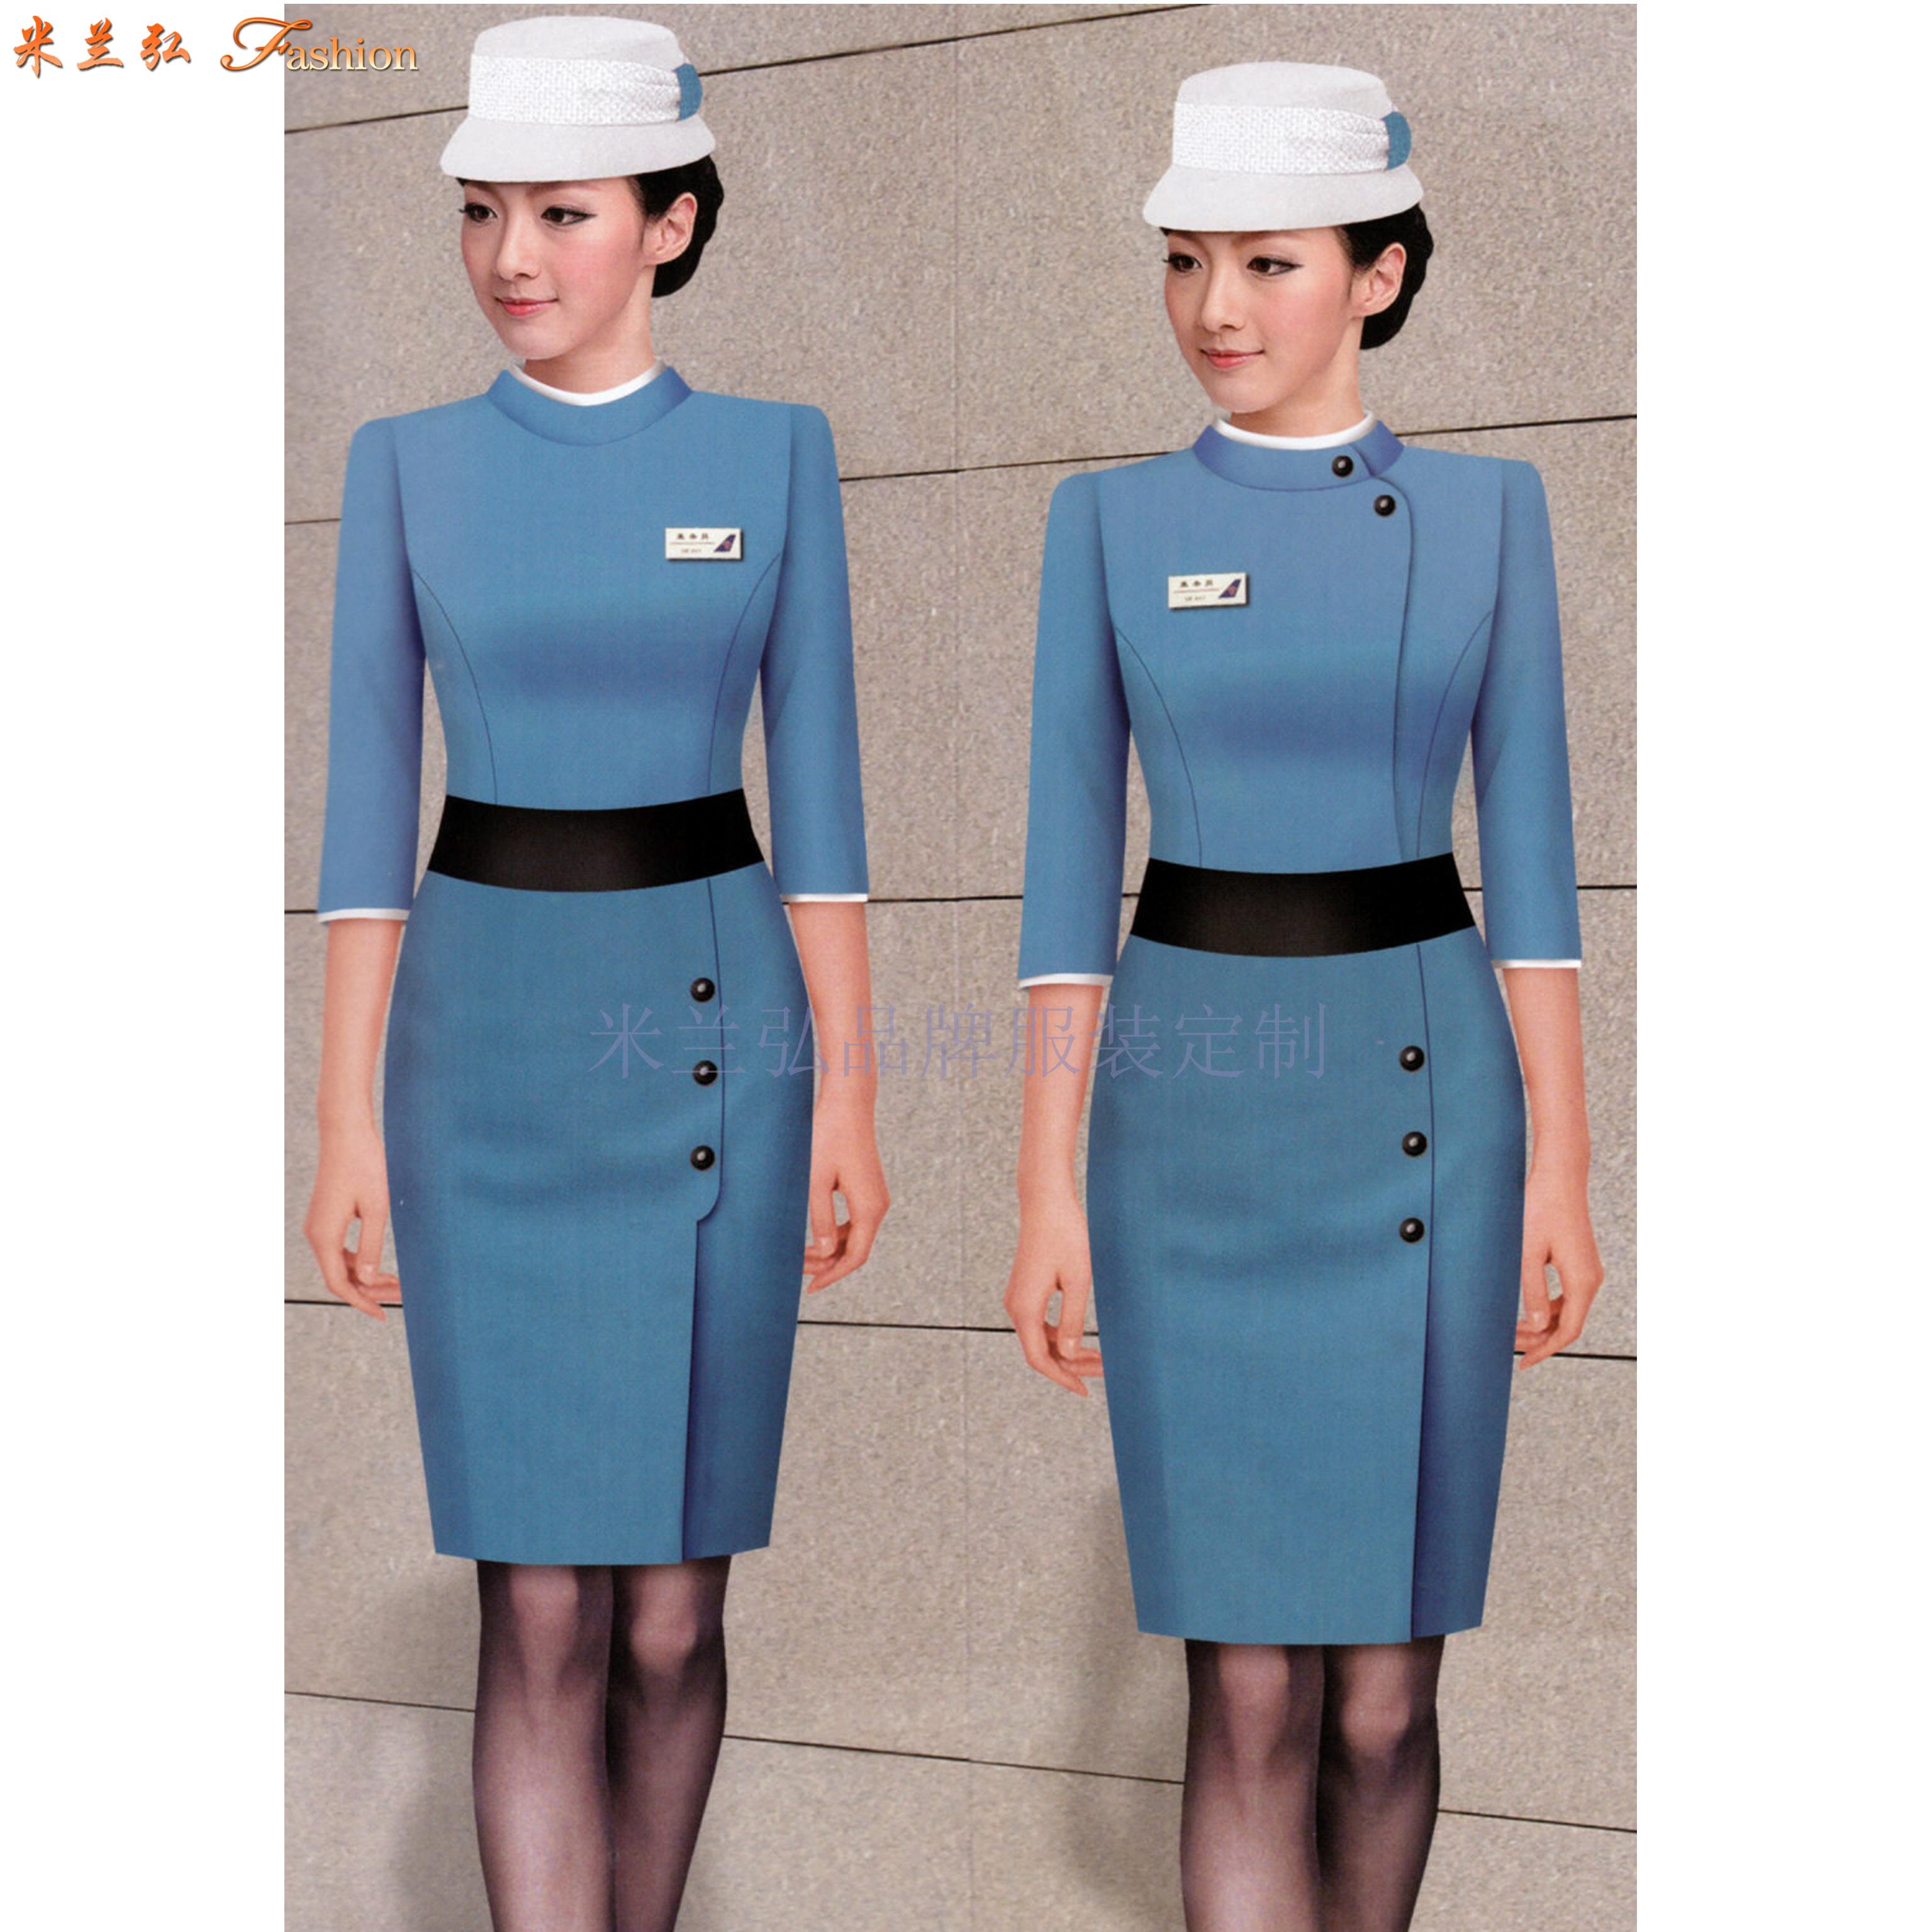 「工作服連衣裙定制」北京連衣裙量身訂制廠家-米蘭弘服裝-2